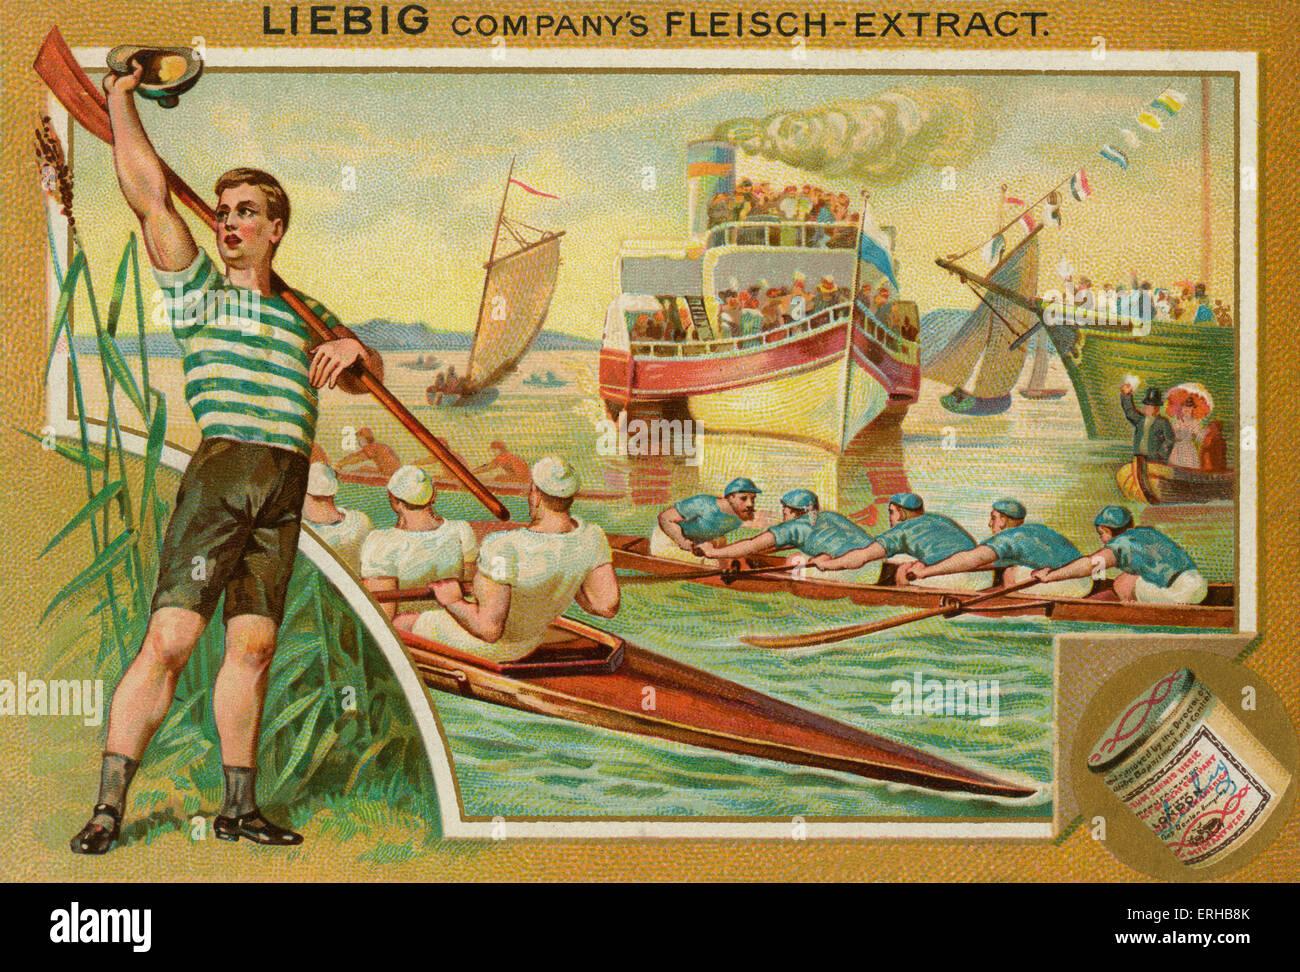 Una carrera de remo . Tarjetas Liebig, Deportes, 1896. Imagen De Stock